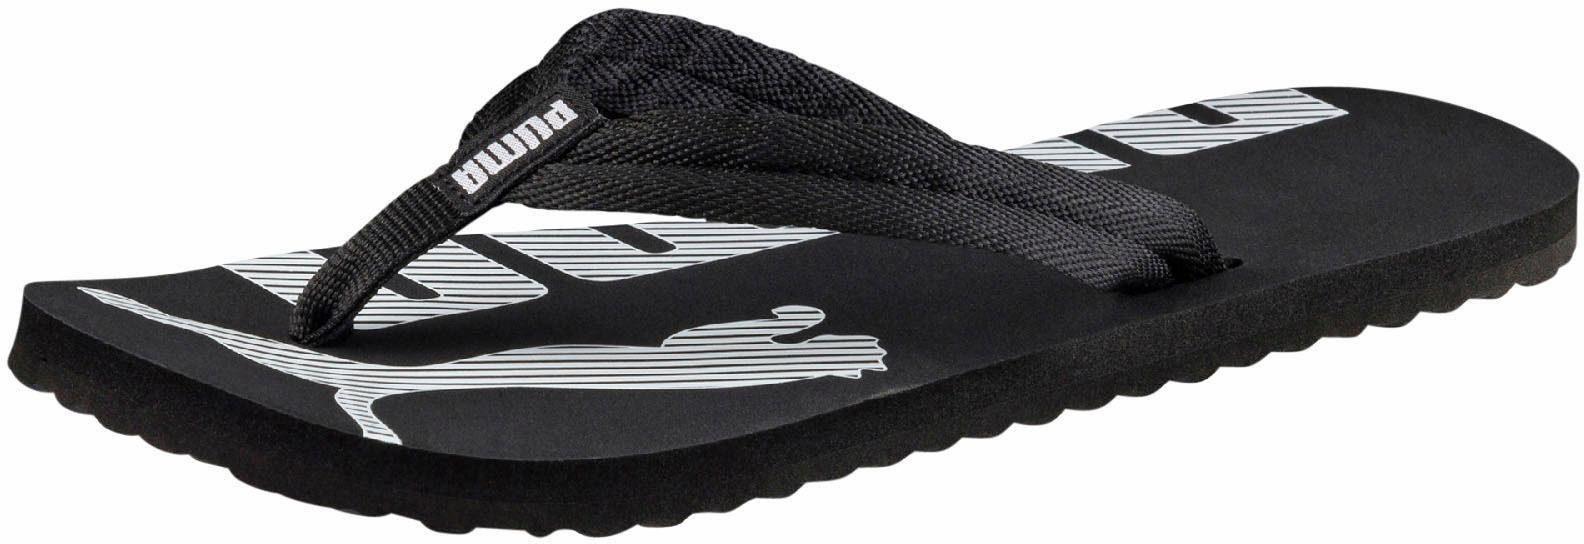 PUMA »Epic Flip v2« Zehentrenner, Bedrucktes Fußbett für den besonderen Look online kaufen | OTTO